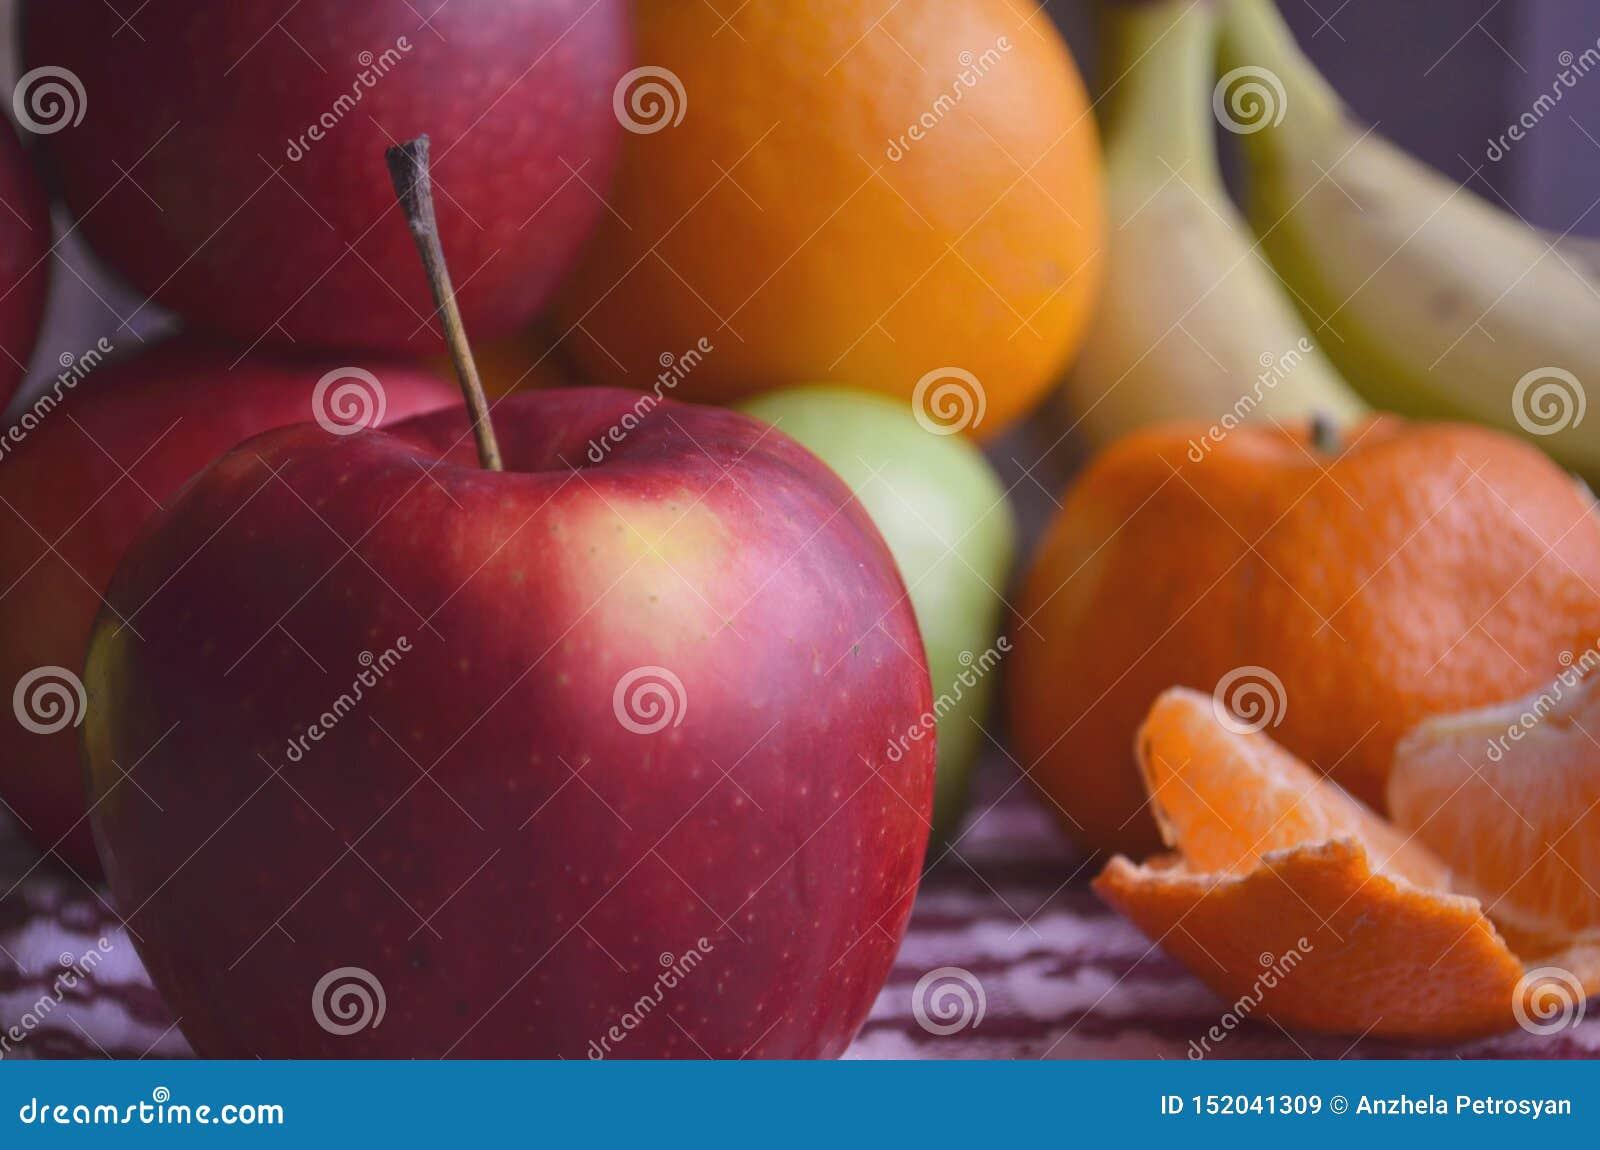 Бананы, яблоки, лимон, оранжевый на таблице